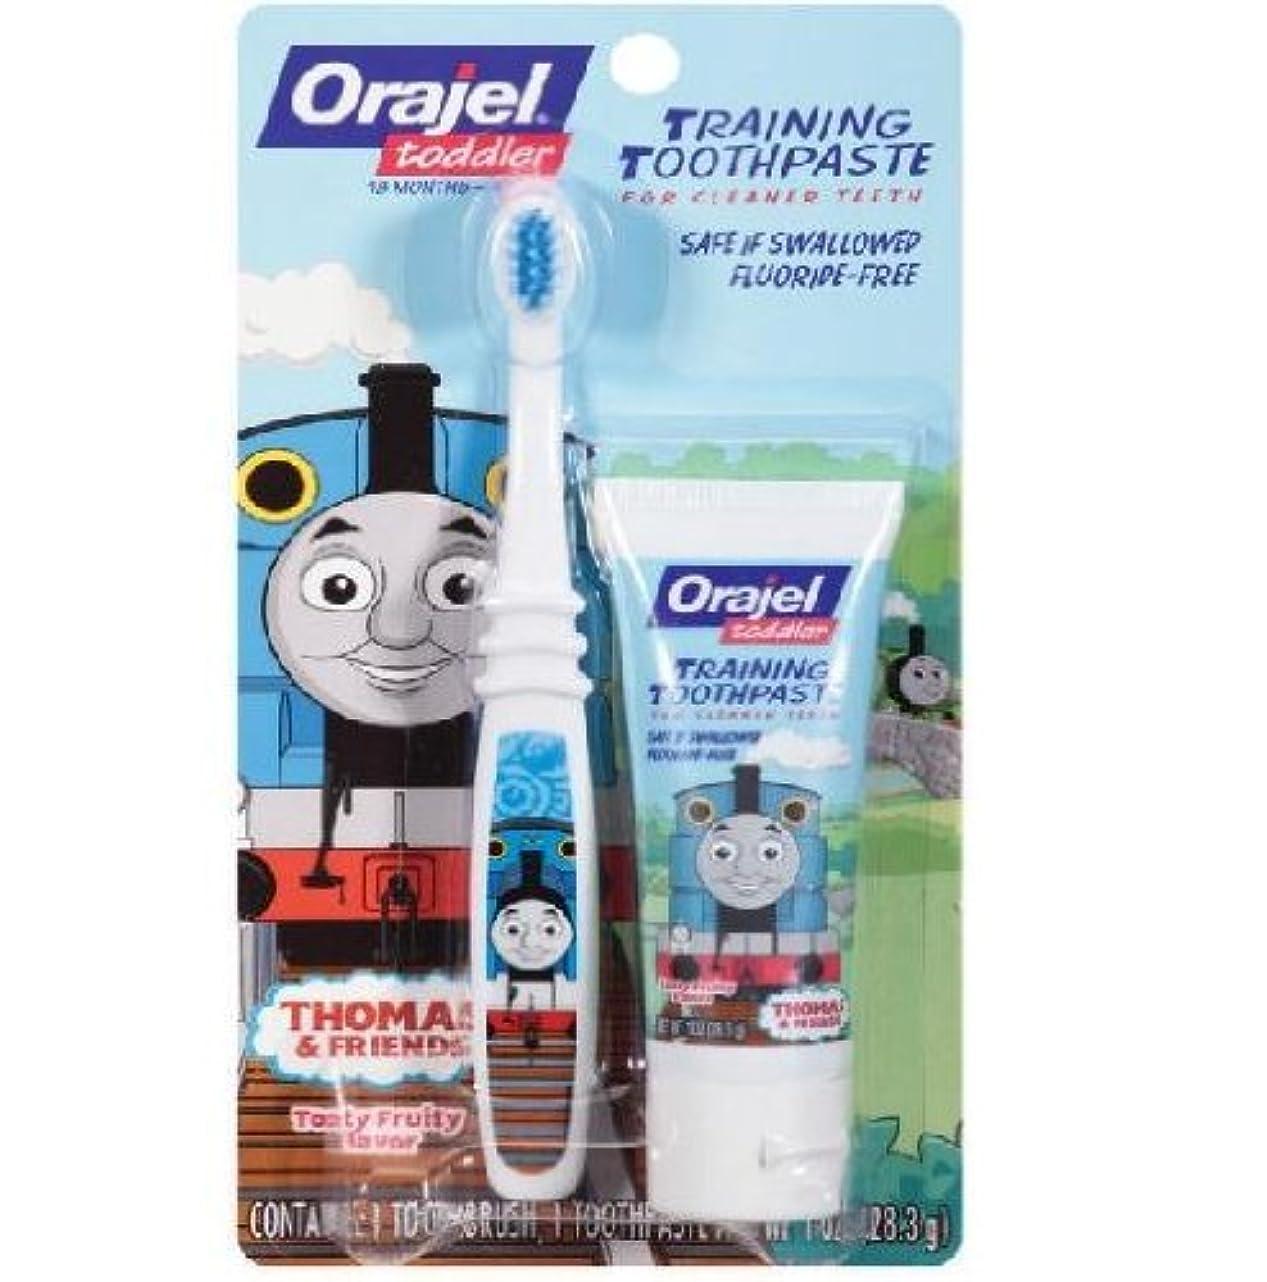 ソケットブレンドカレンダー【機関車トーマス】Toddler Thomas Toddler Training Toothpaste with Toothbrush Tooty Fruity 1 oz